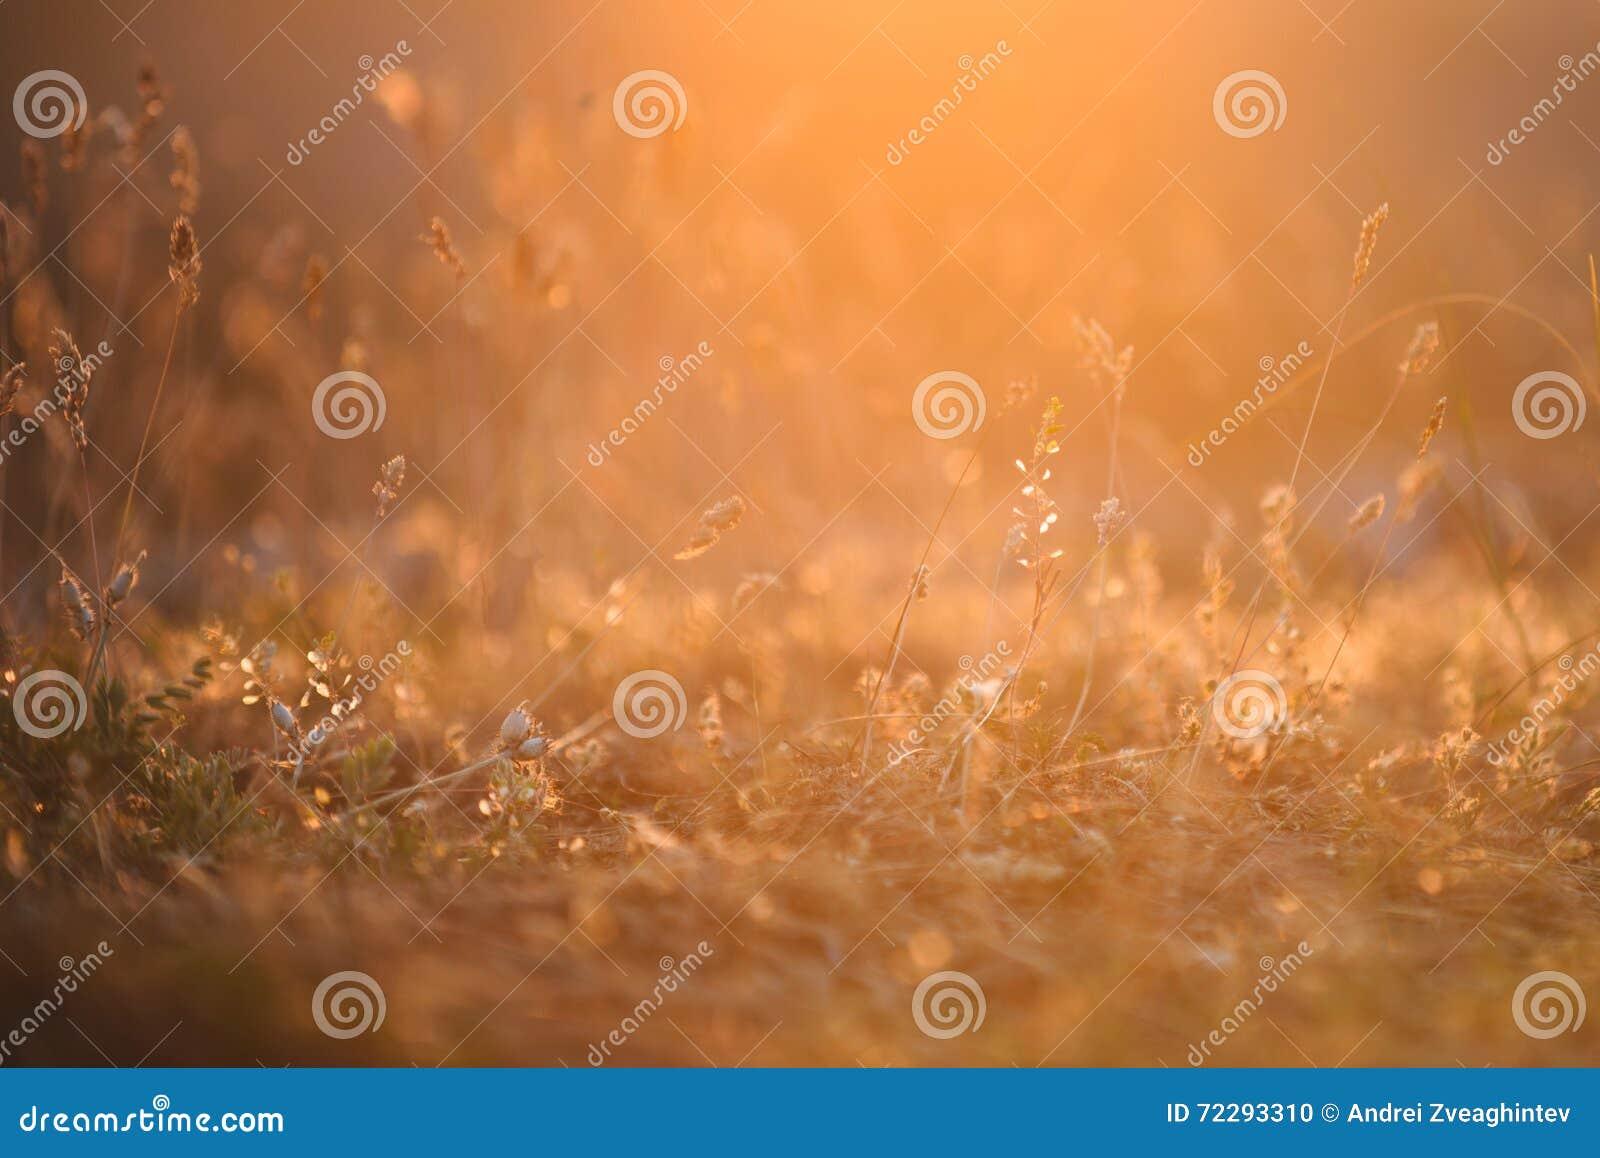 Download Заводы и трава стоковое фото. изображение насчитывающей sunset - 72293310